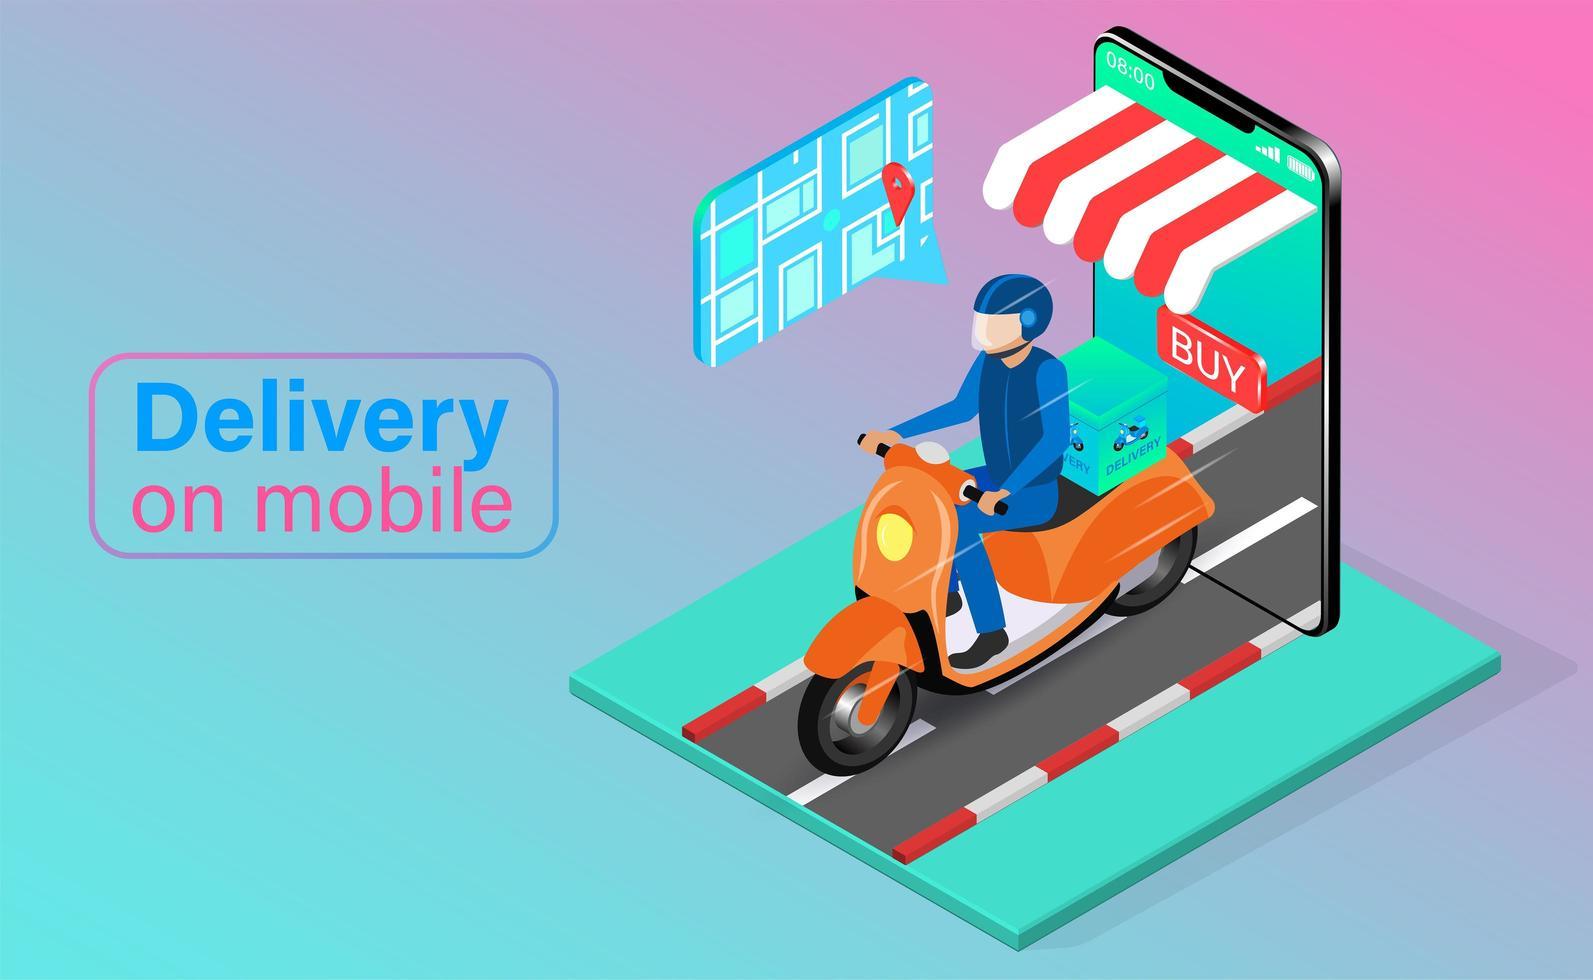 entrega de scooter de telefone móvel vetor